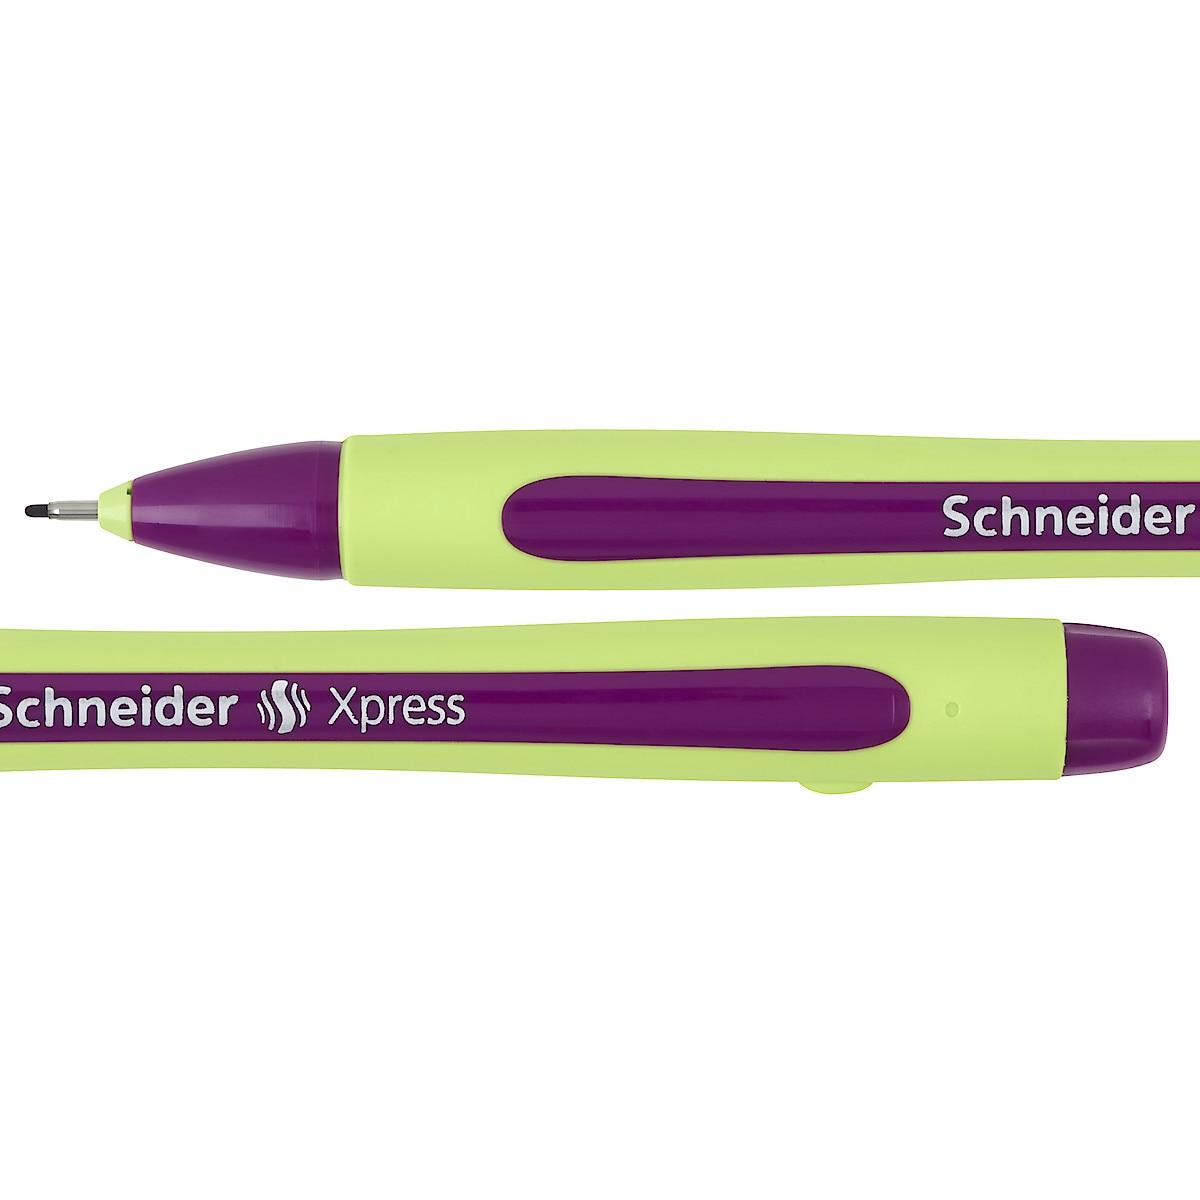 Fiberpenna Schneider Xpress